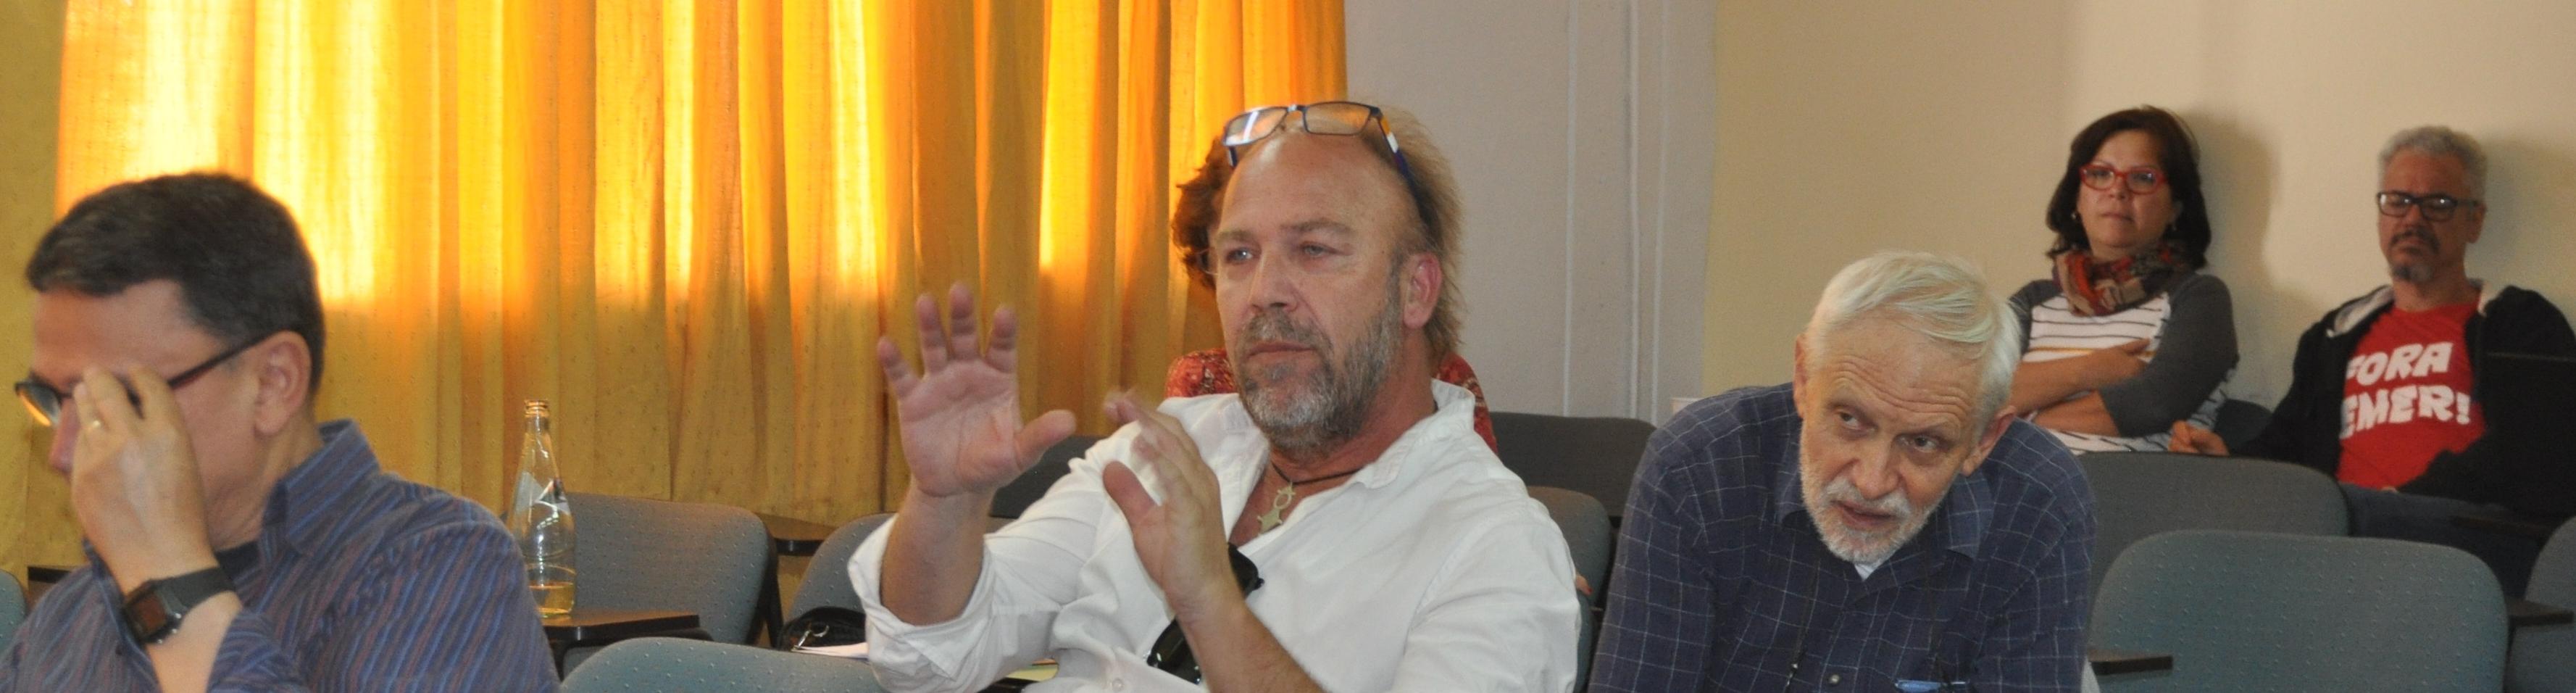 04-ii-coloquio-internacional-marxista-de-historia-unc-maria-jose-becerra-diego-buffa-mario-maestri-gilberto-calil-carlos-perez-jorge-coronel